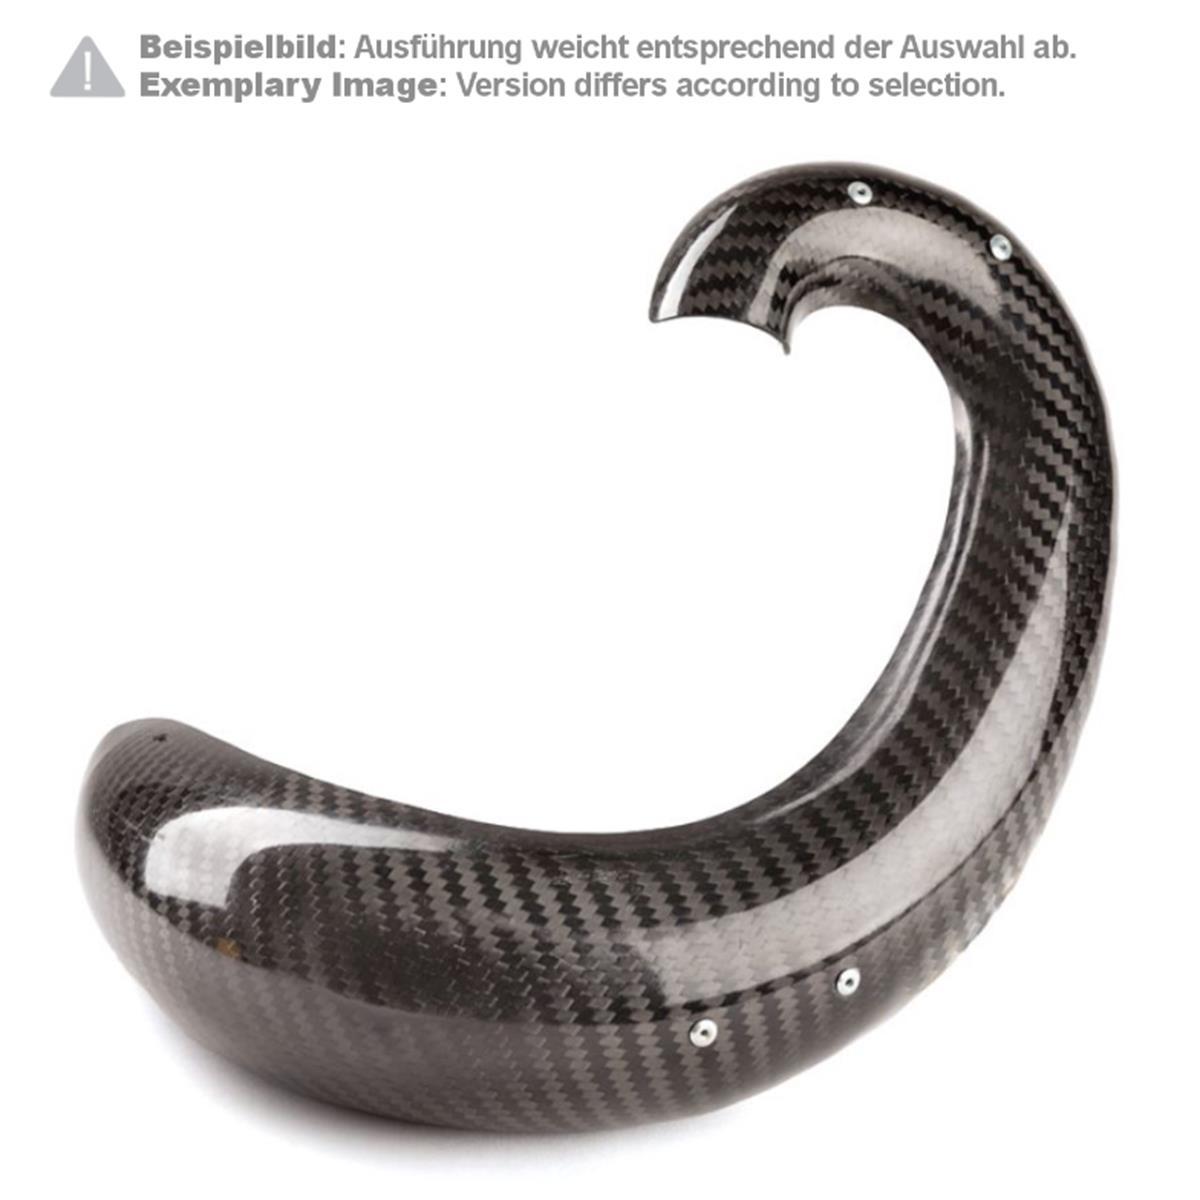 X-Grip Auspuffbirnen-Schutz Carbon Beta RR 250/300 2T, 13-19